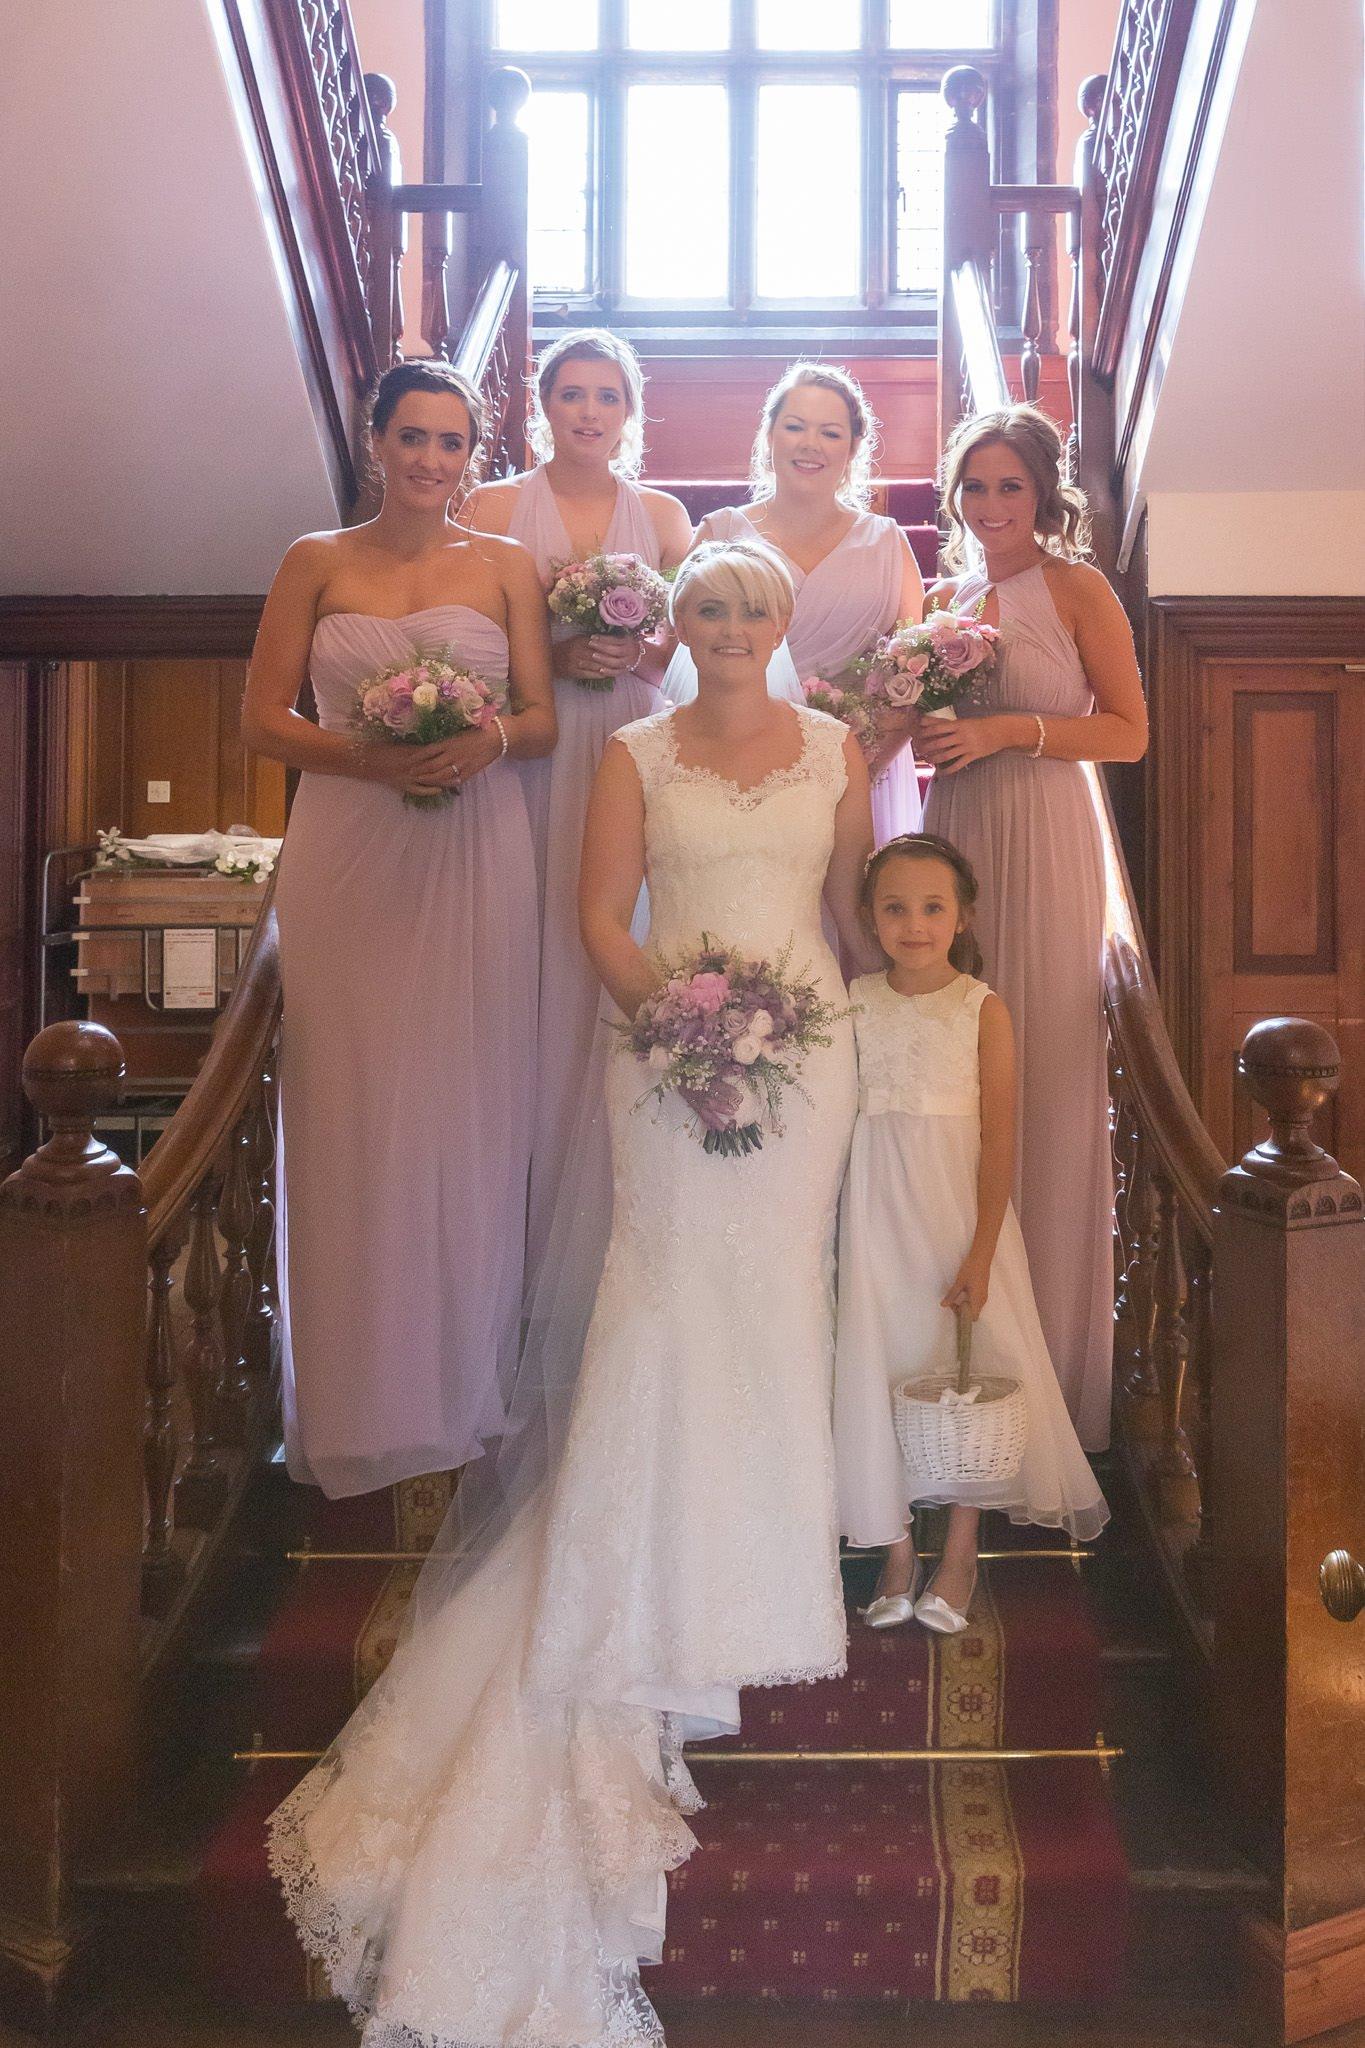 Tipi-Wedding-Photography-Cheshire-Photographer-20140913--10008